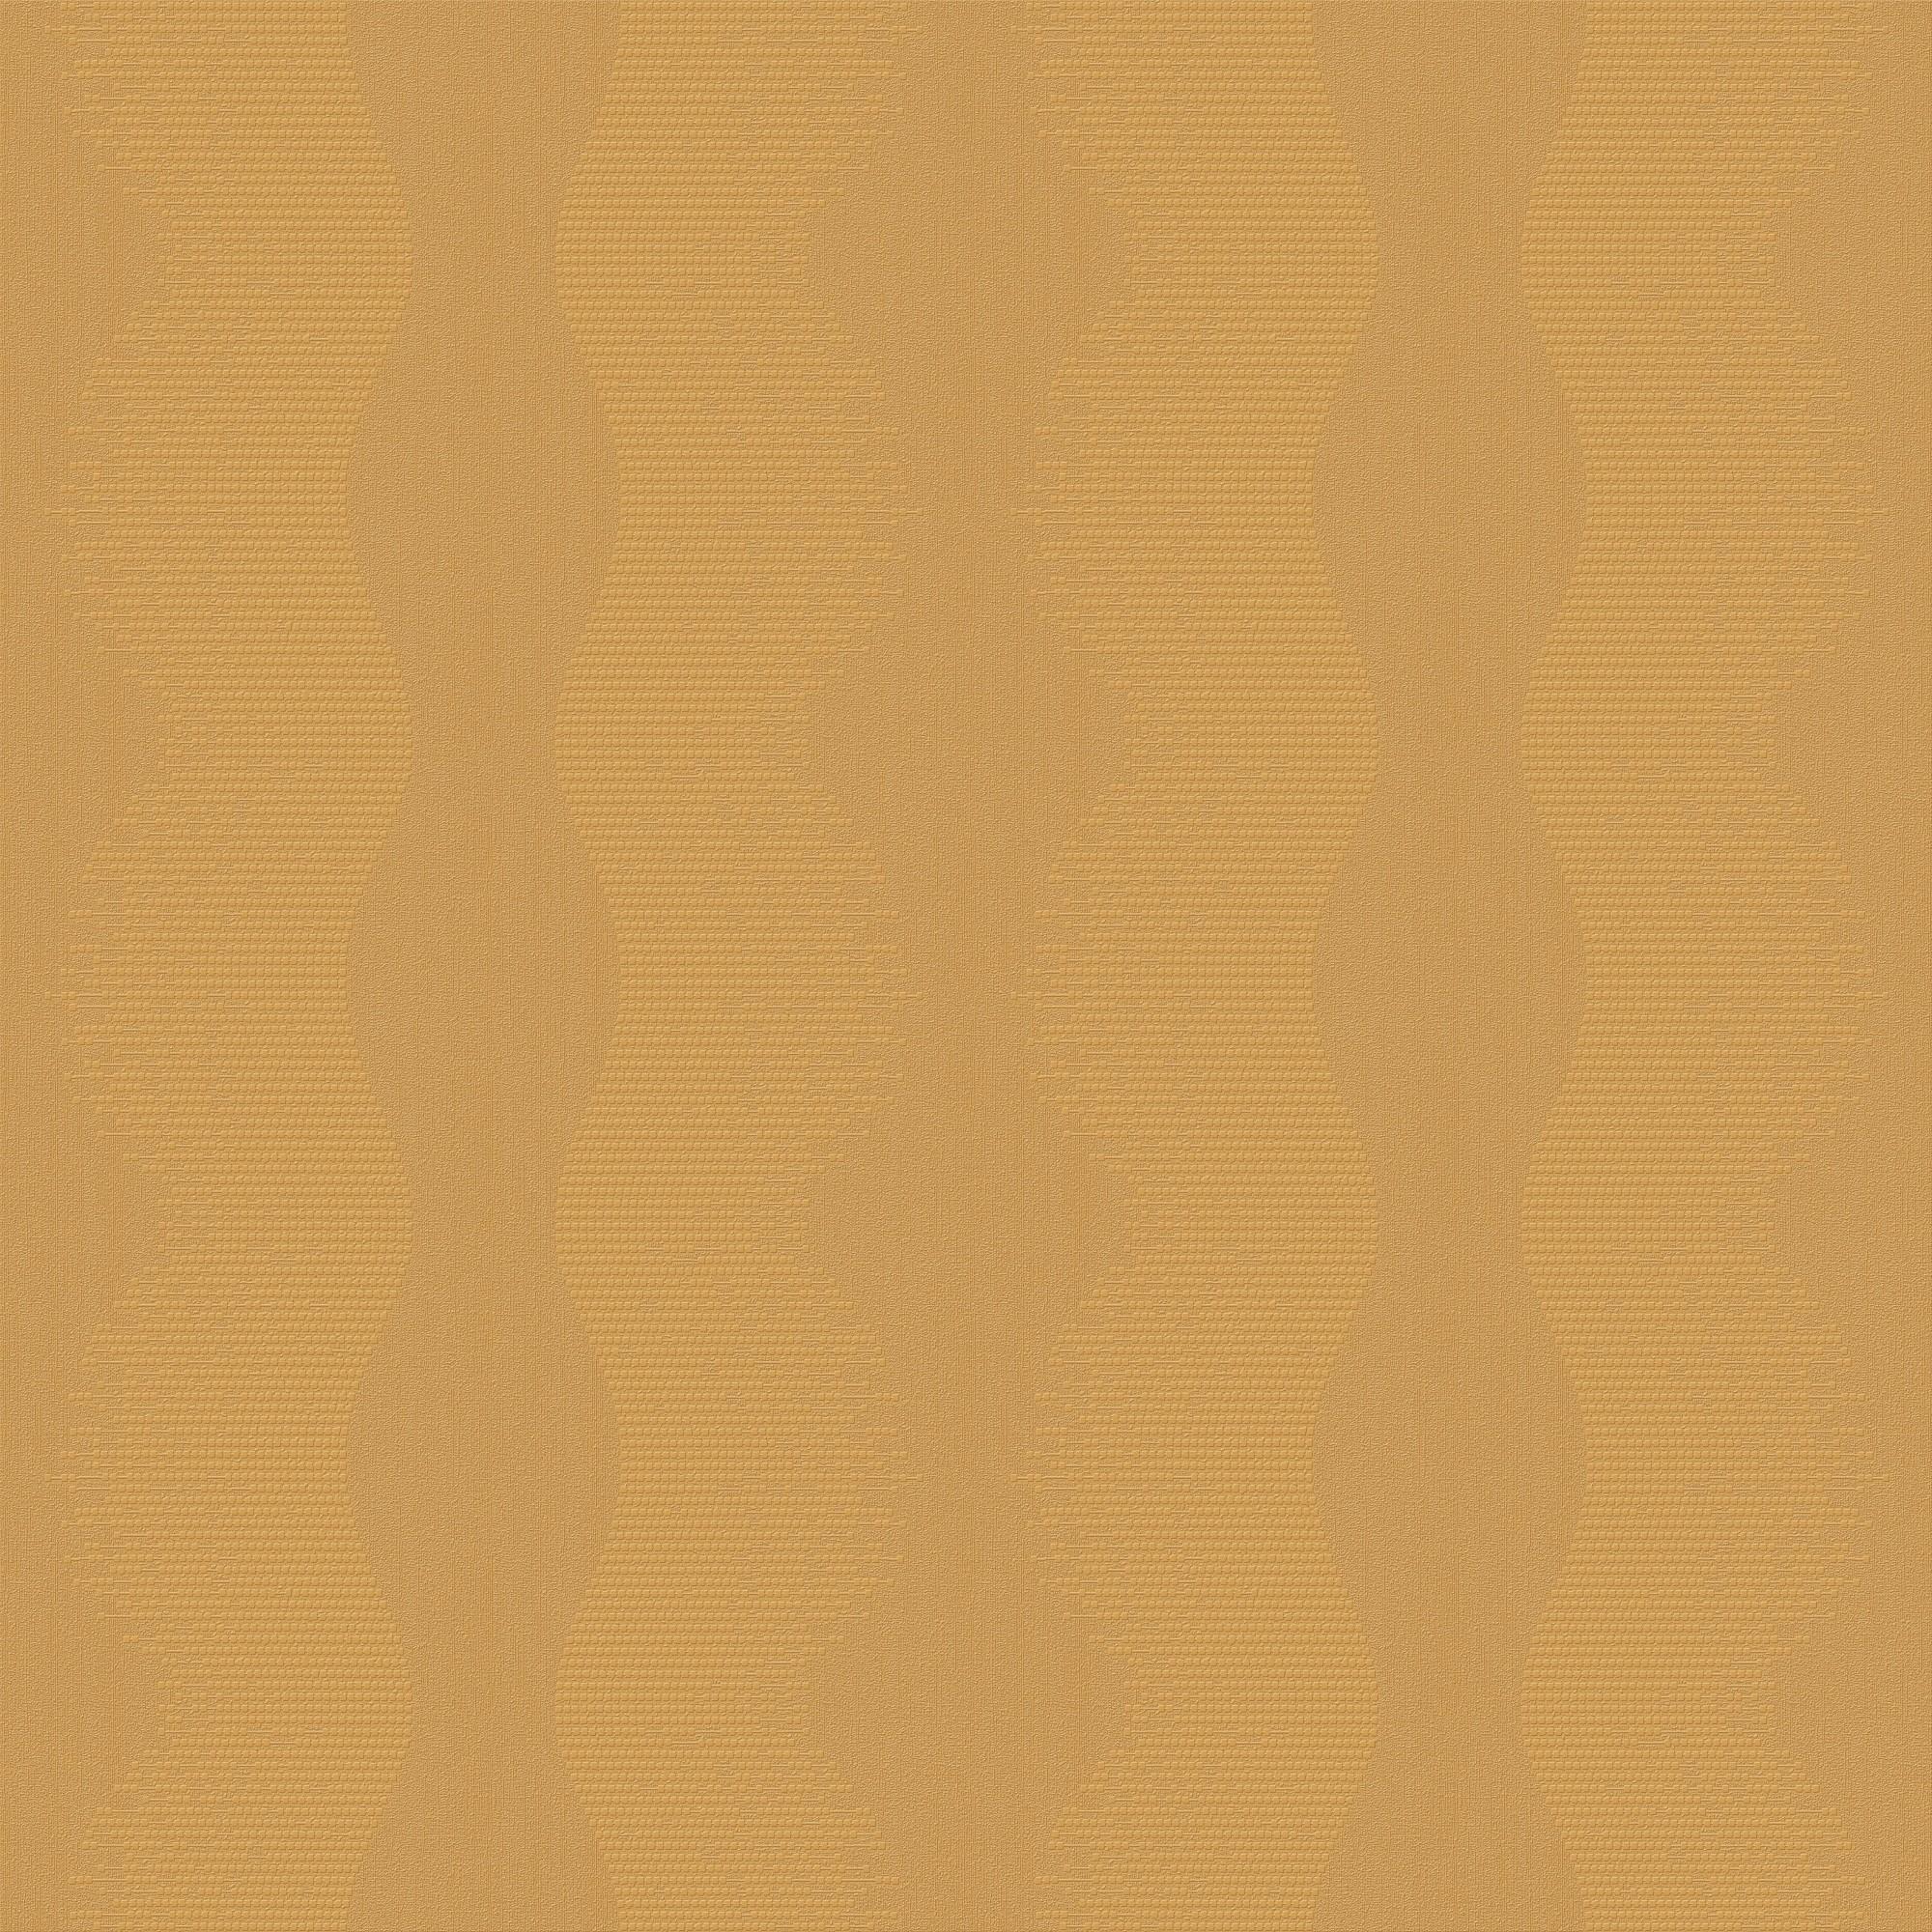 Papel de Parede 53cm x 10m PVC Texturizado Tiffany 9112 - Jolie